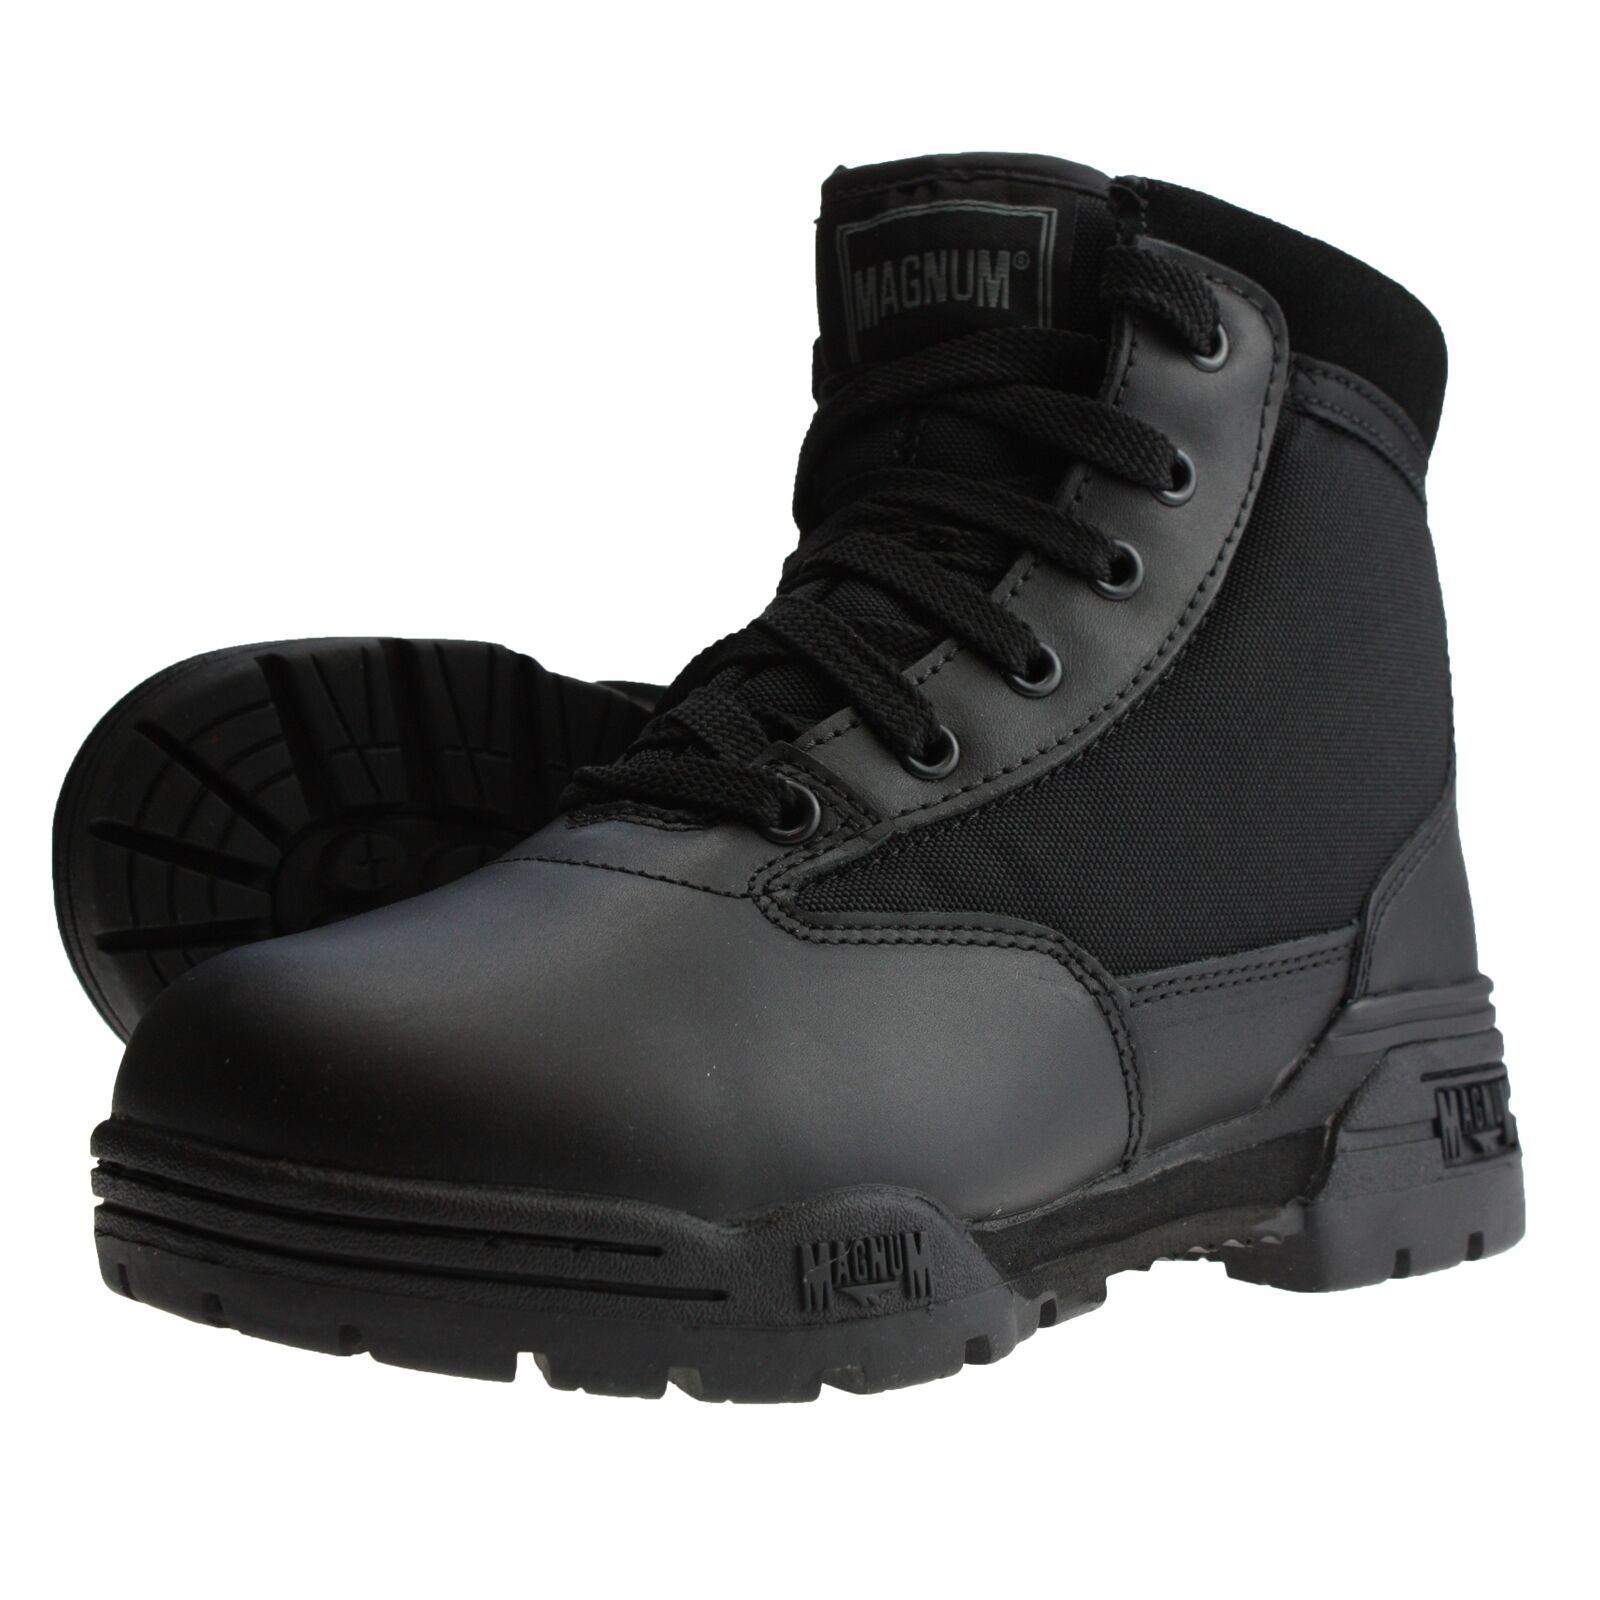 HI-TEC - Magnum Magnum Magnum MEDIO Botas de hombres y mujeres Seguridad Ranger Zapatos Paintb 0fe82d